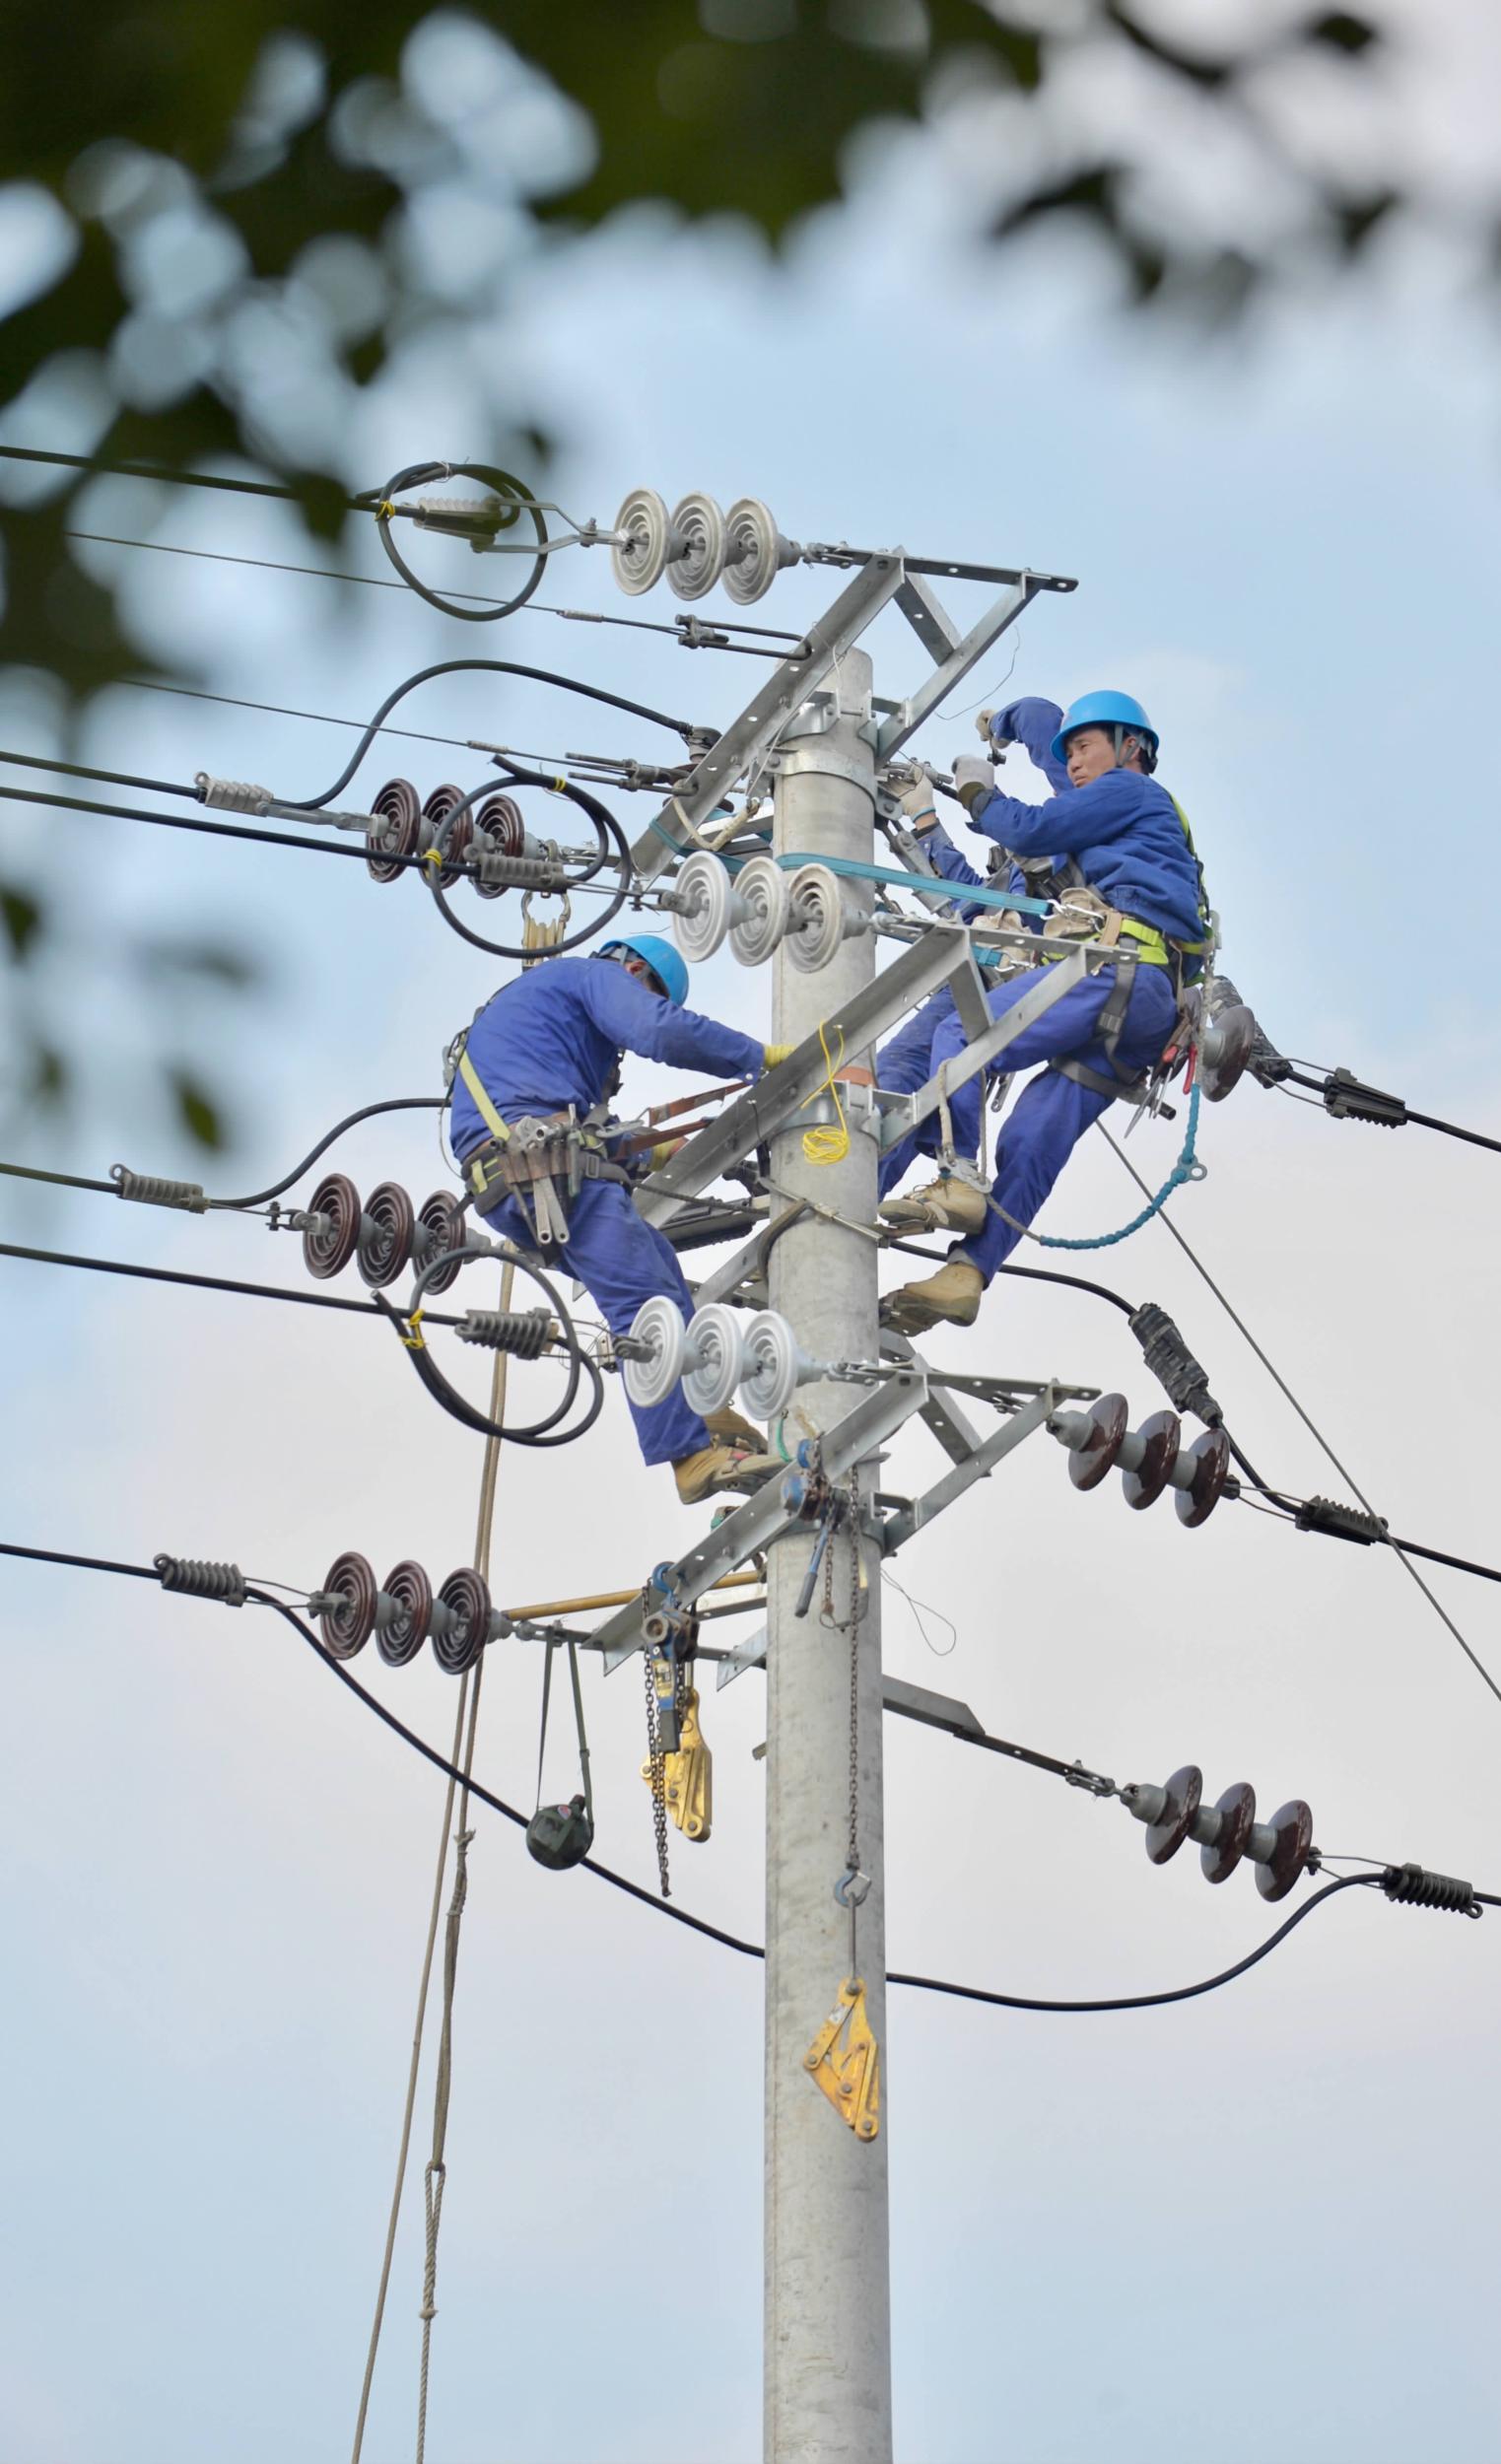 空中维护保供电安全